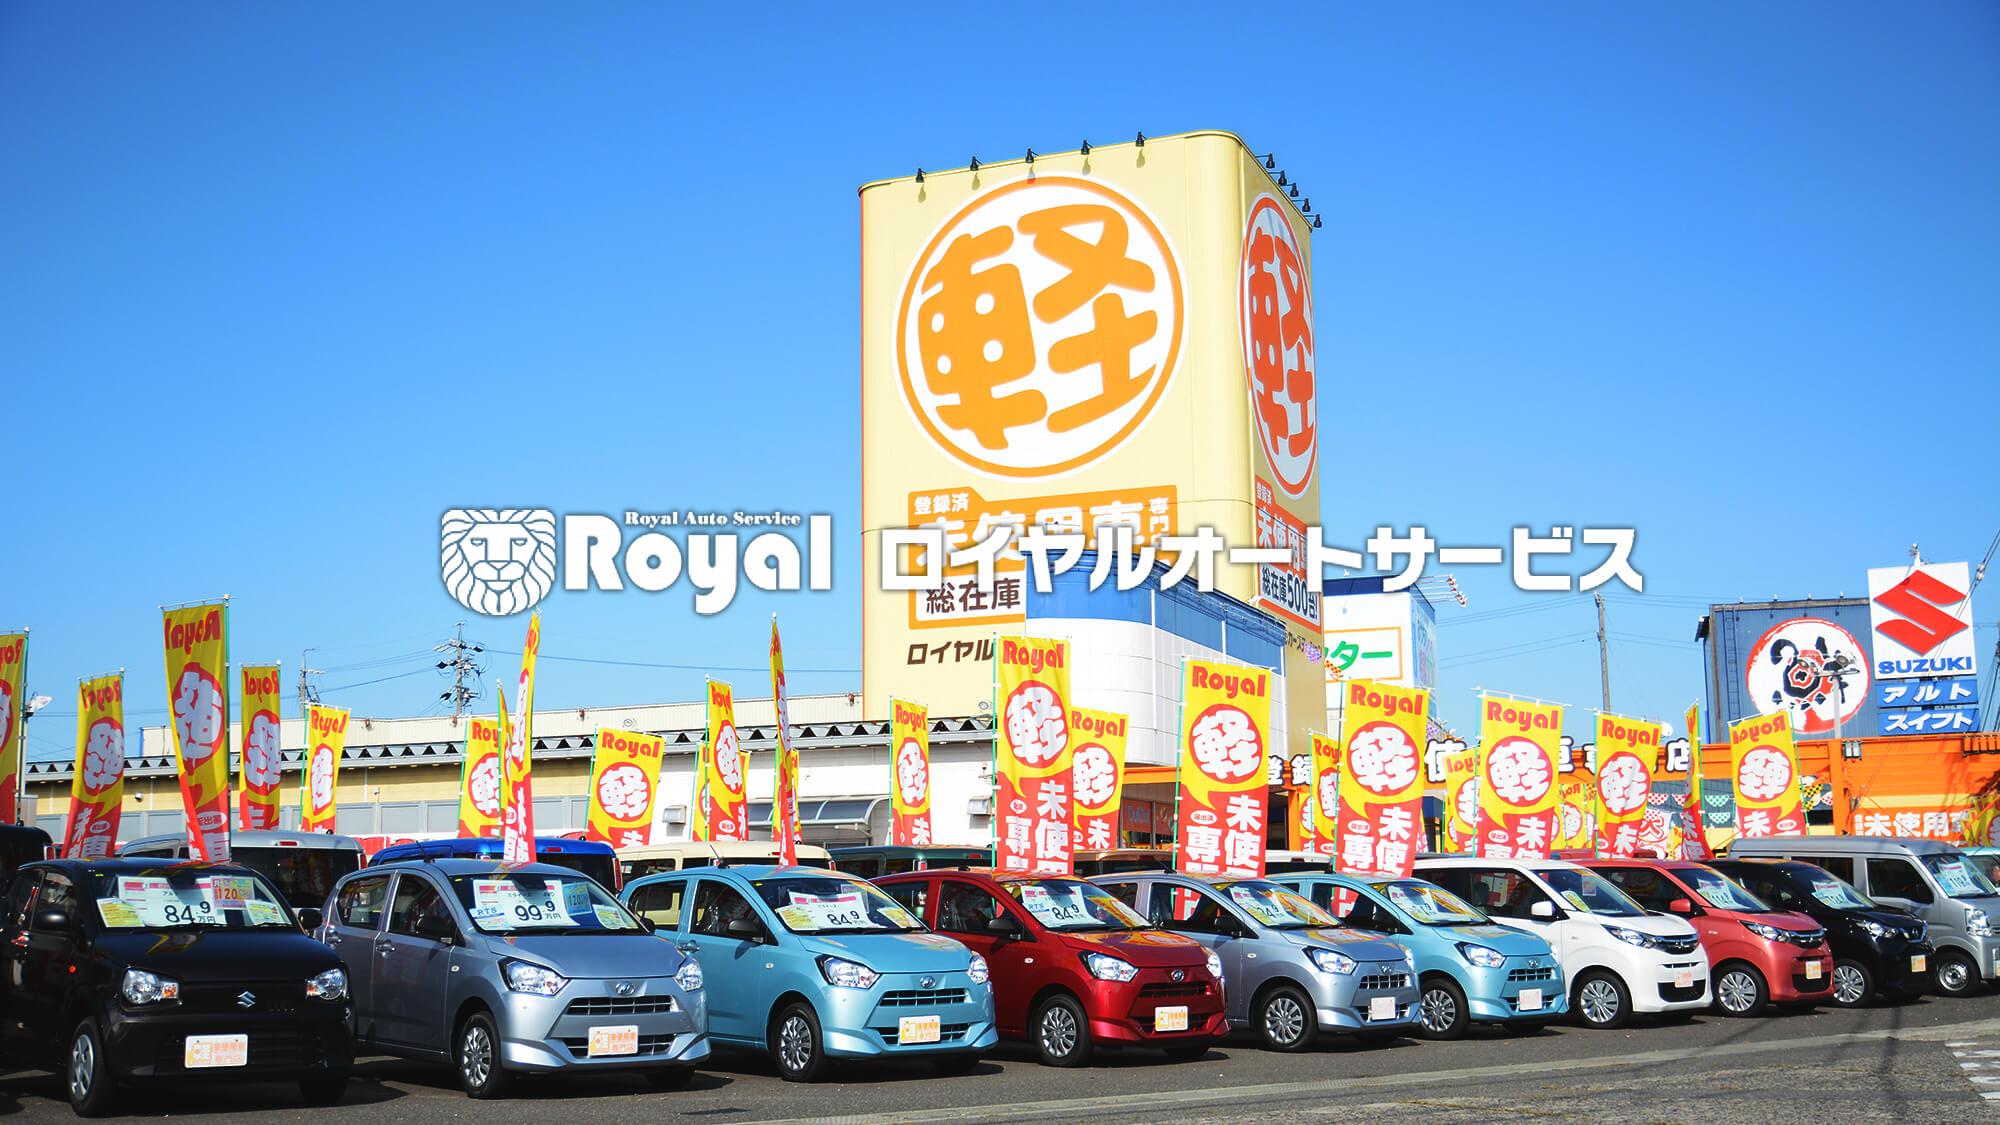 ロイヤルカーステーション村井店